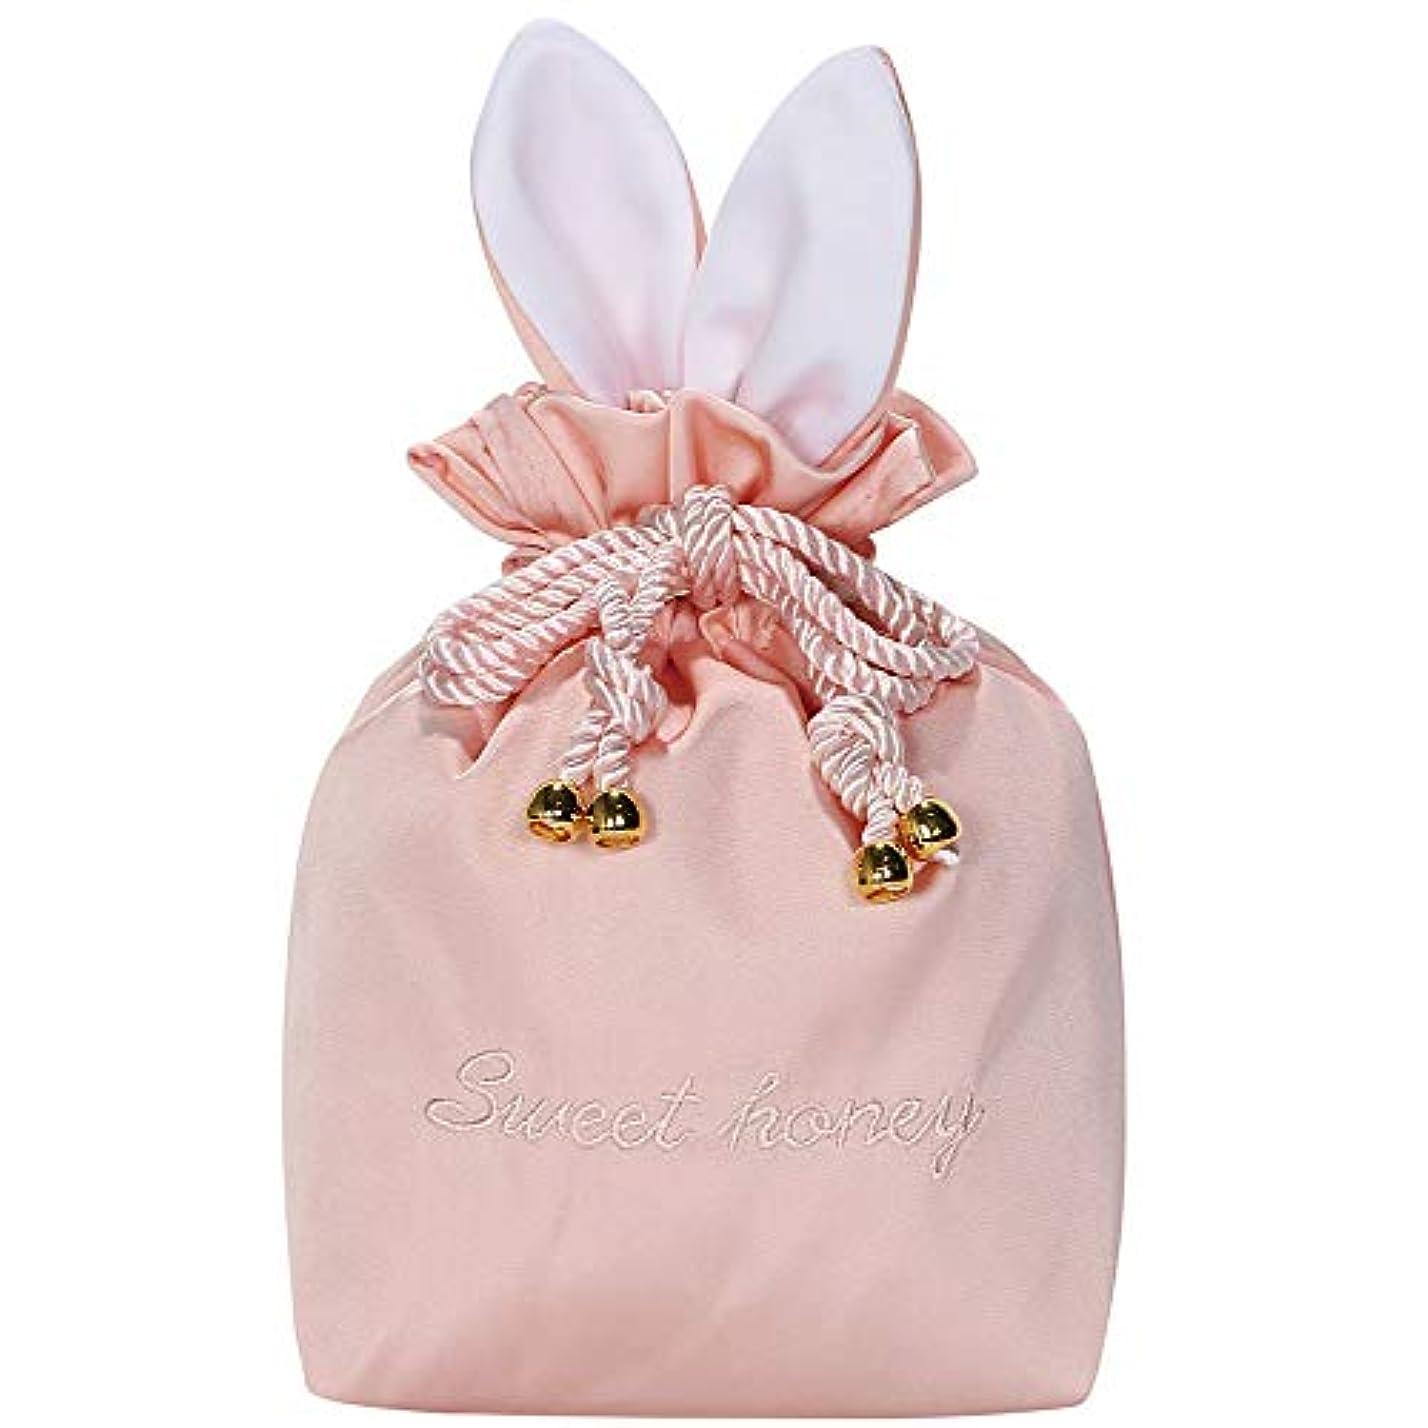 バンカー平手打ちベーシック【KIRAHOLL】ラパンポーチ ウサギ うさぎ ブランド かわいい おしゃれ ピンク アニマル 巾着 メイク 化粧ポーチ 小物入れ (ピンク)